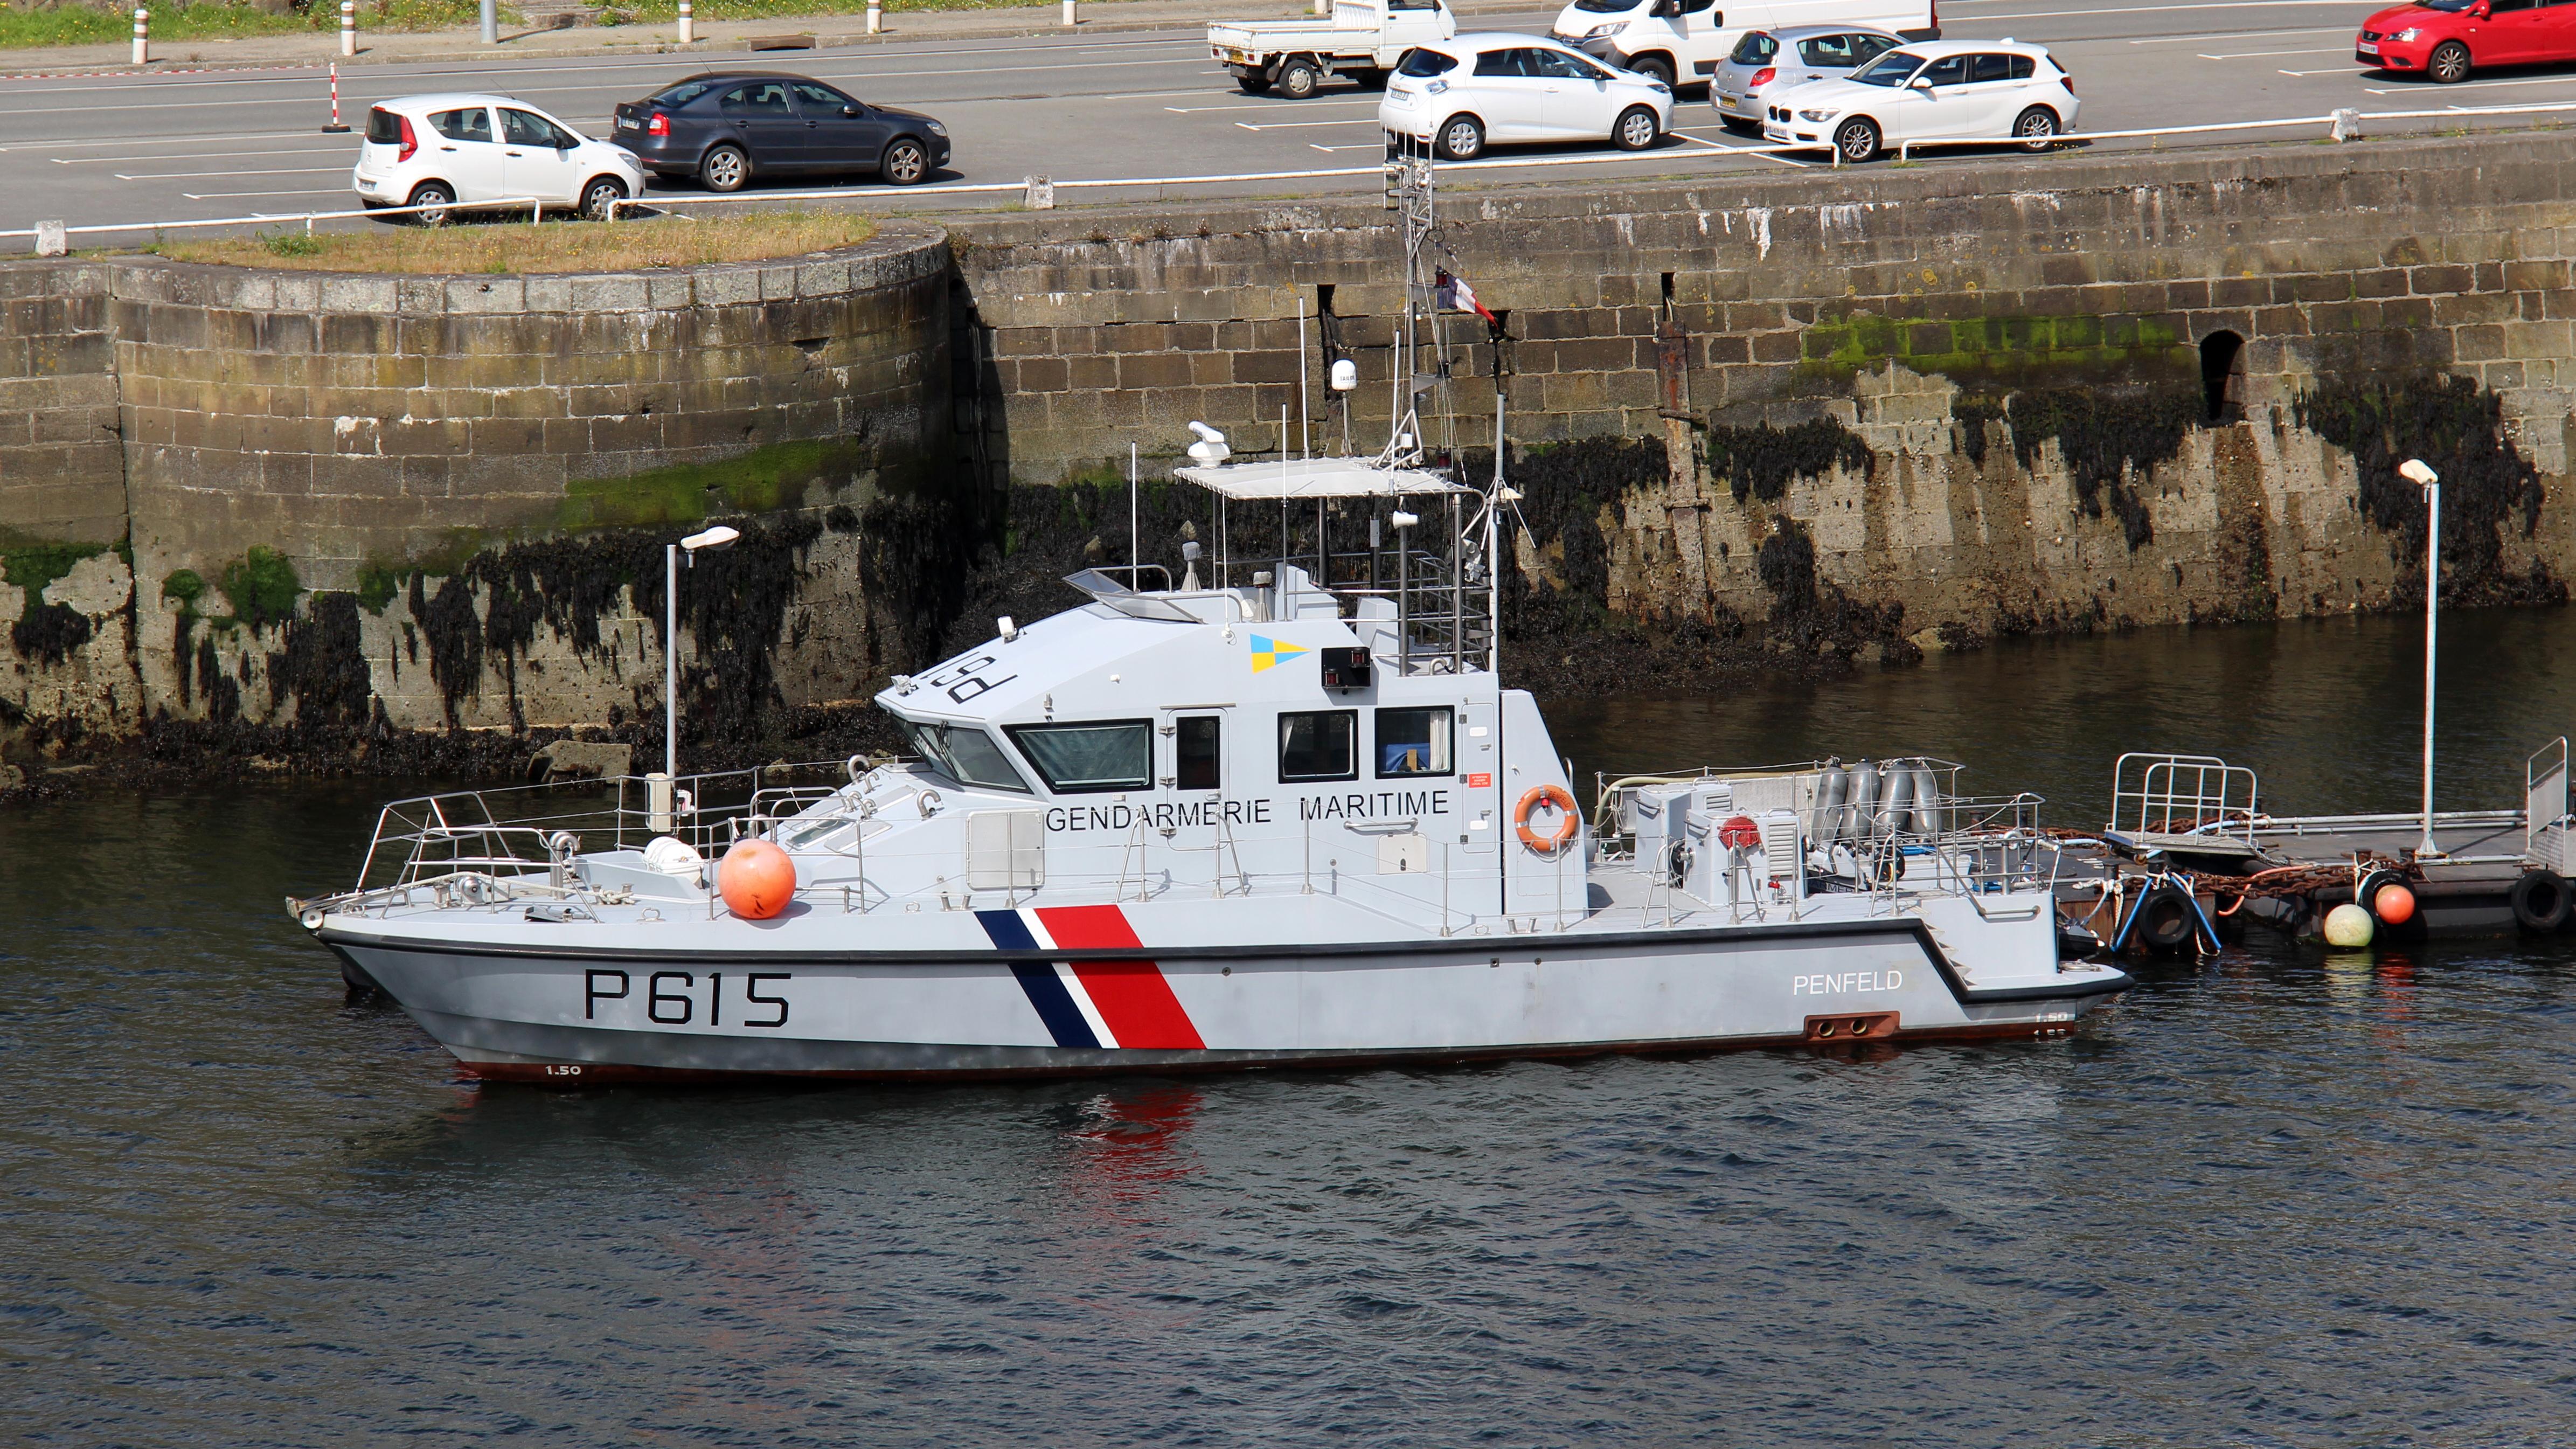 VCSM - Vedette Côtière de Surveillance Maritime 35430665275_09dc56b776_o